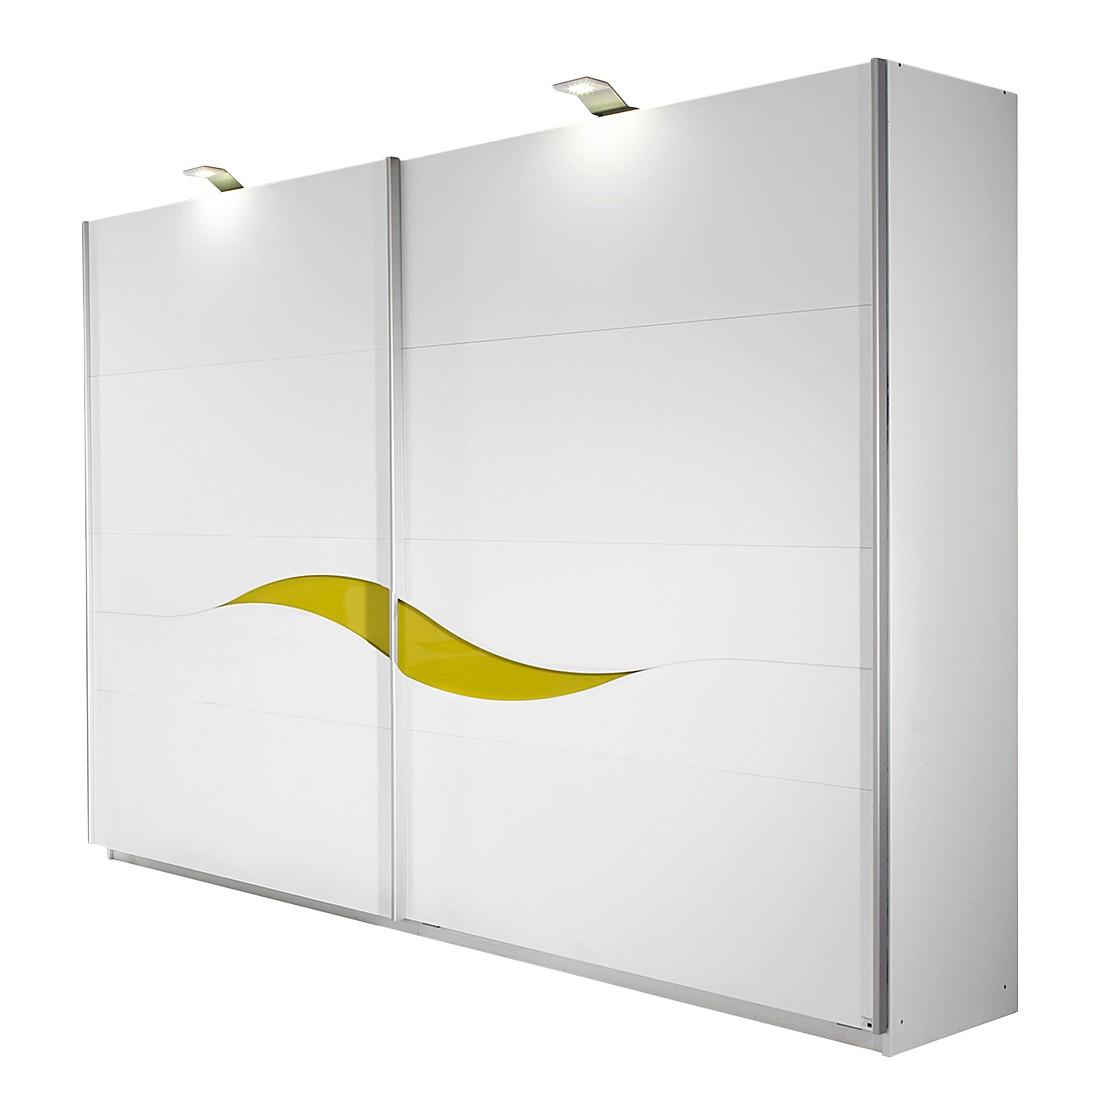 Schwebetürenschrank Onella - Alpinweiß/Glasabsetzung Limette (Schrankbreite: 181 cm)